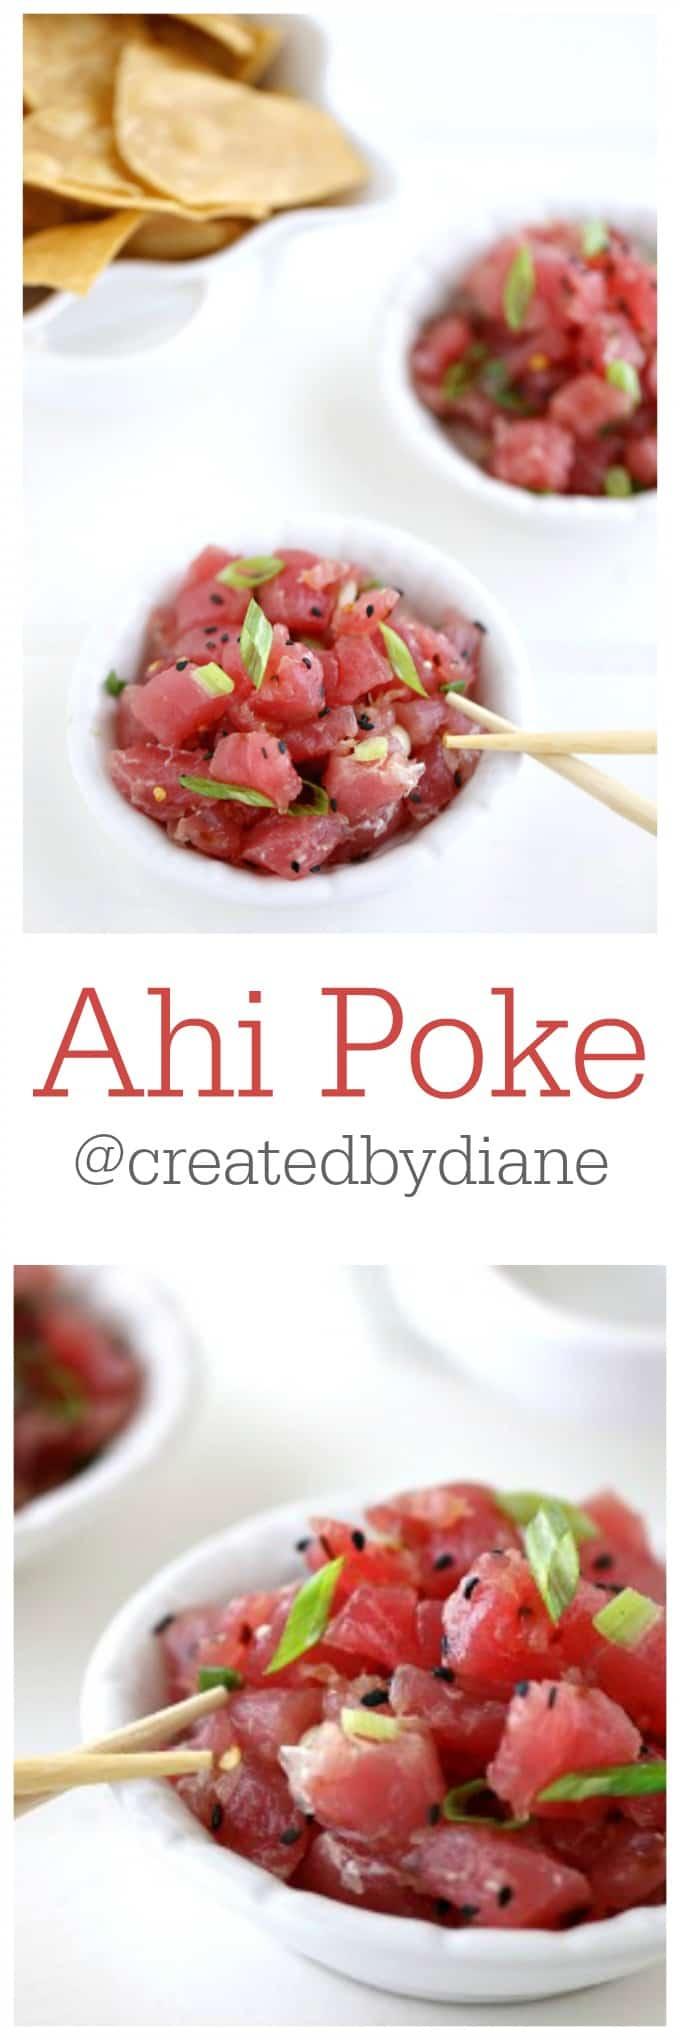 Ahi Poke HOMEMADE @createdbydiane